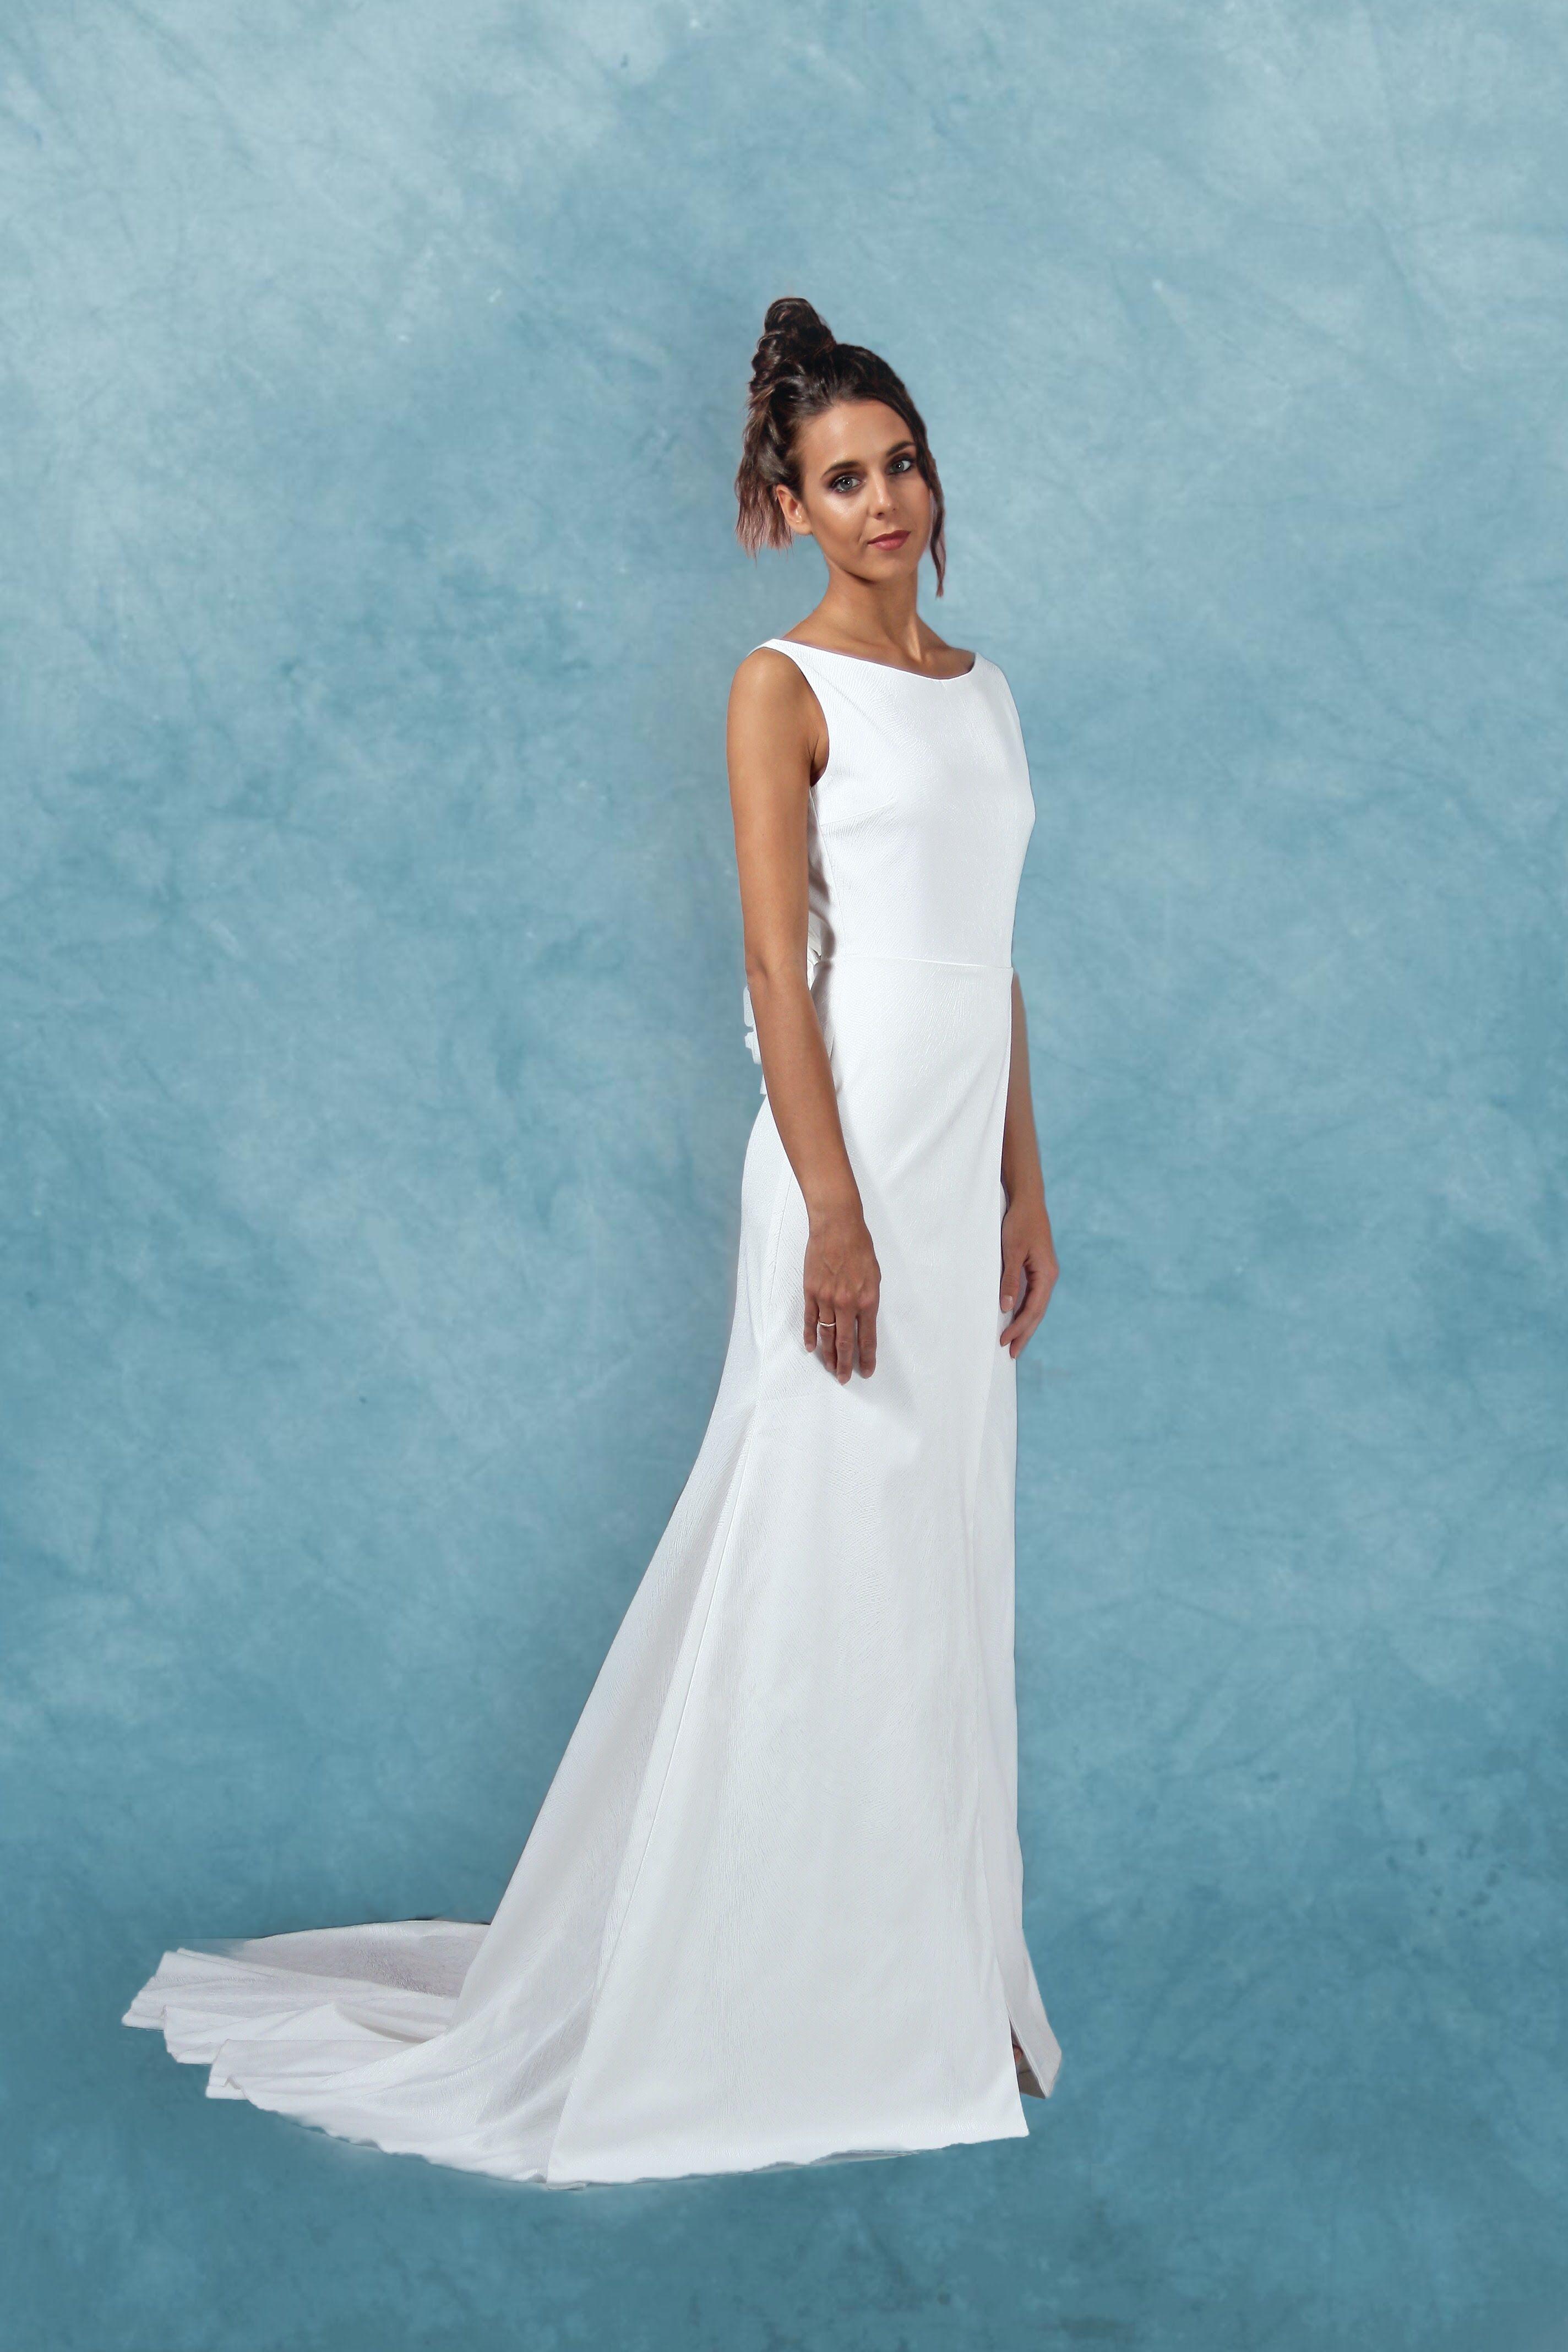 Abito da sposa bianco in raso devorè di pura seta elasticizzata con  scollatura a barchetta 76b40f89297